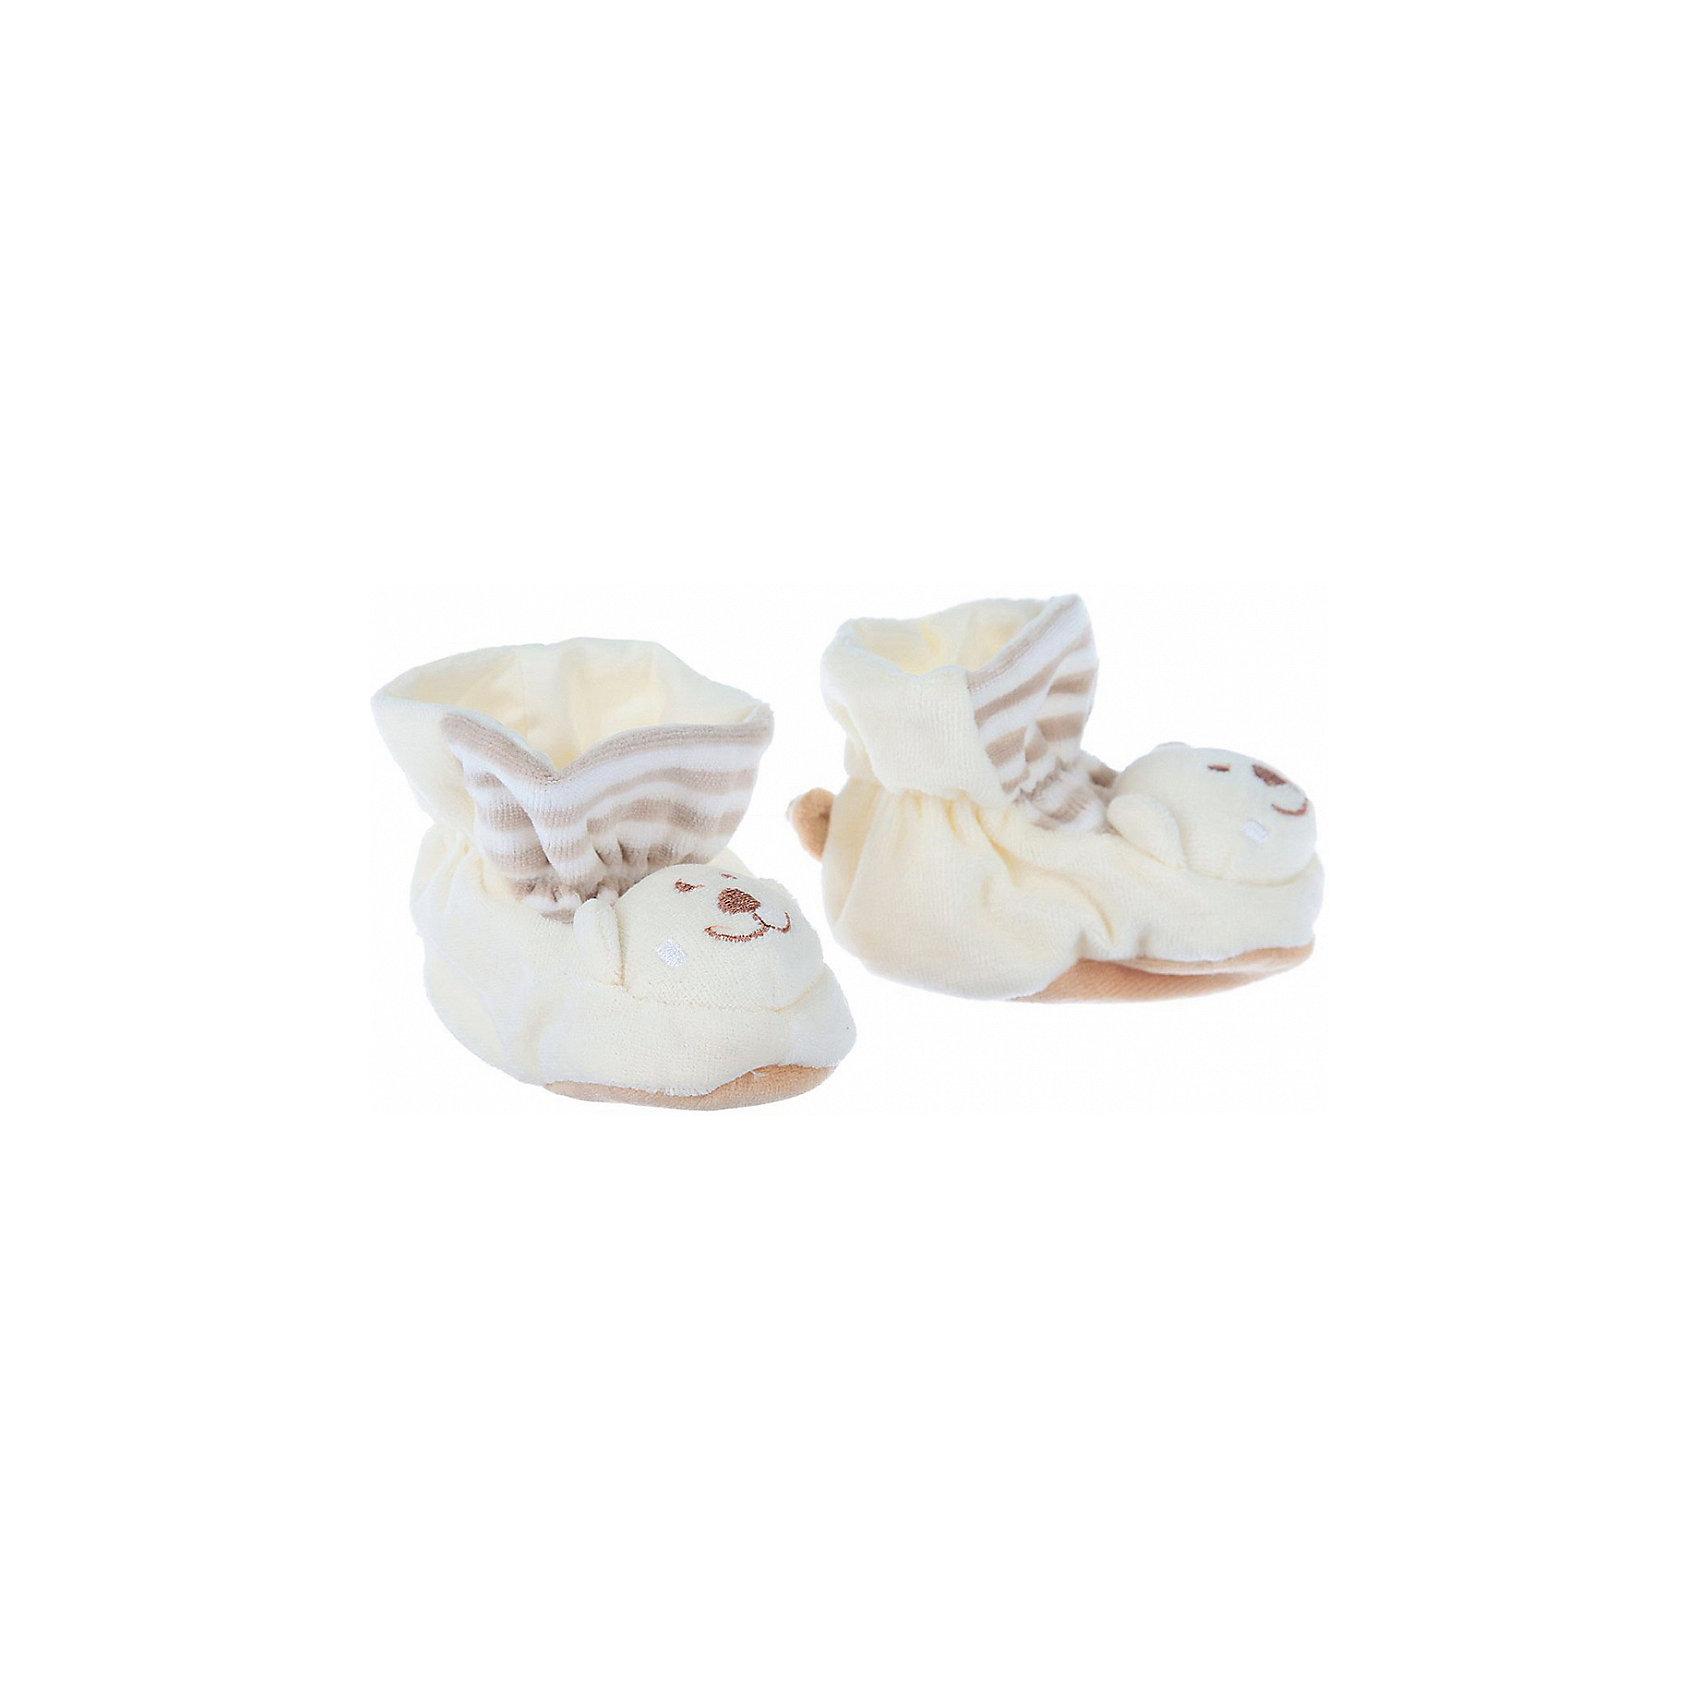 Пинетки с аппликацией Мишка, Baby Nice, бежевыйОдежда, обувь и аксессуары для детей должны быть качественными и безопасными. Эти пинетки обеспечат ножкам малыша комфорт и тепло. Они украшены симпатичной мордочкой животного.<br>Пинетки сшиты из натуральной дышащей хлопчатобумажной ткани, приятной на ощупь. Она не вызывает аллергии, что особенно важно для малышей. Также материал обеспечит хорошую терморегуляцию. Ткань очень мягкая и теплая. Пинетки сделаны из высококачественных материалов, безопасных для ребенка.<br><br>Дополнительная информация:<br><br>цвет: бежевый;<br>материал: 100% хлопок;<br>аппликация.<br><br>Пинетки с аппликацией Мишка от компании Baby Nice можно купить в нашем магазине.<br><br>Ширина мм: 100<br>Глубина мм: 60<br>Высота мм: 30<br>Вес г: 200<br>Возраст от месяцев: 0<br>Возраст до месяцев: 36<br>Пол: Унисекс<br>Возраст: Детский<br>SKU: 4941762